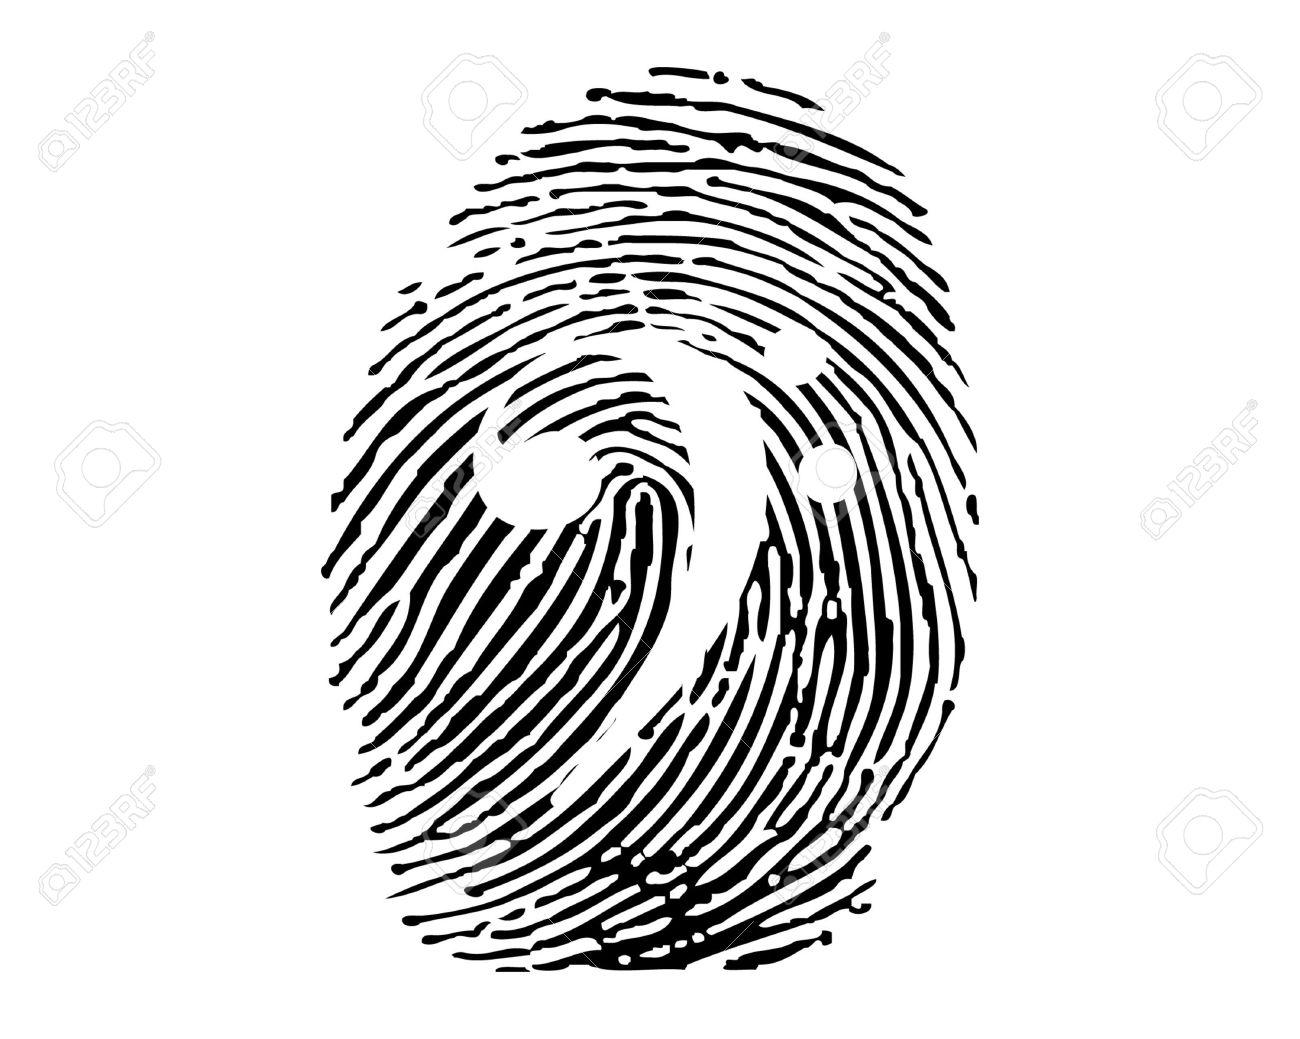 Fingerprint-clef-bass.jpg